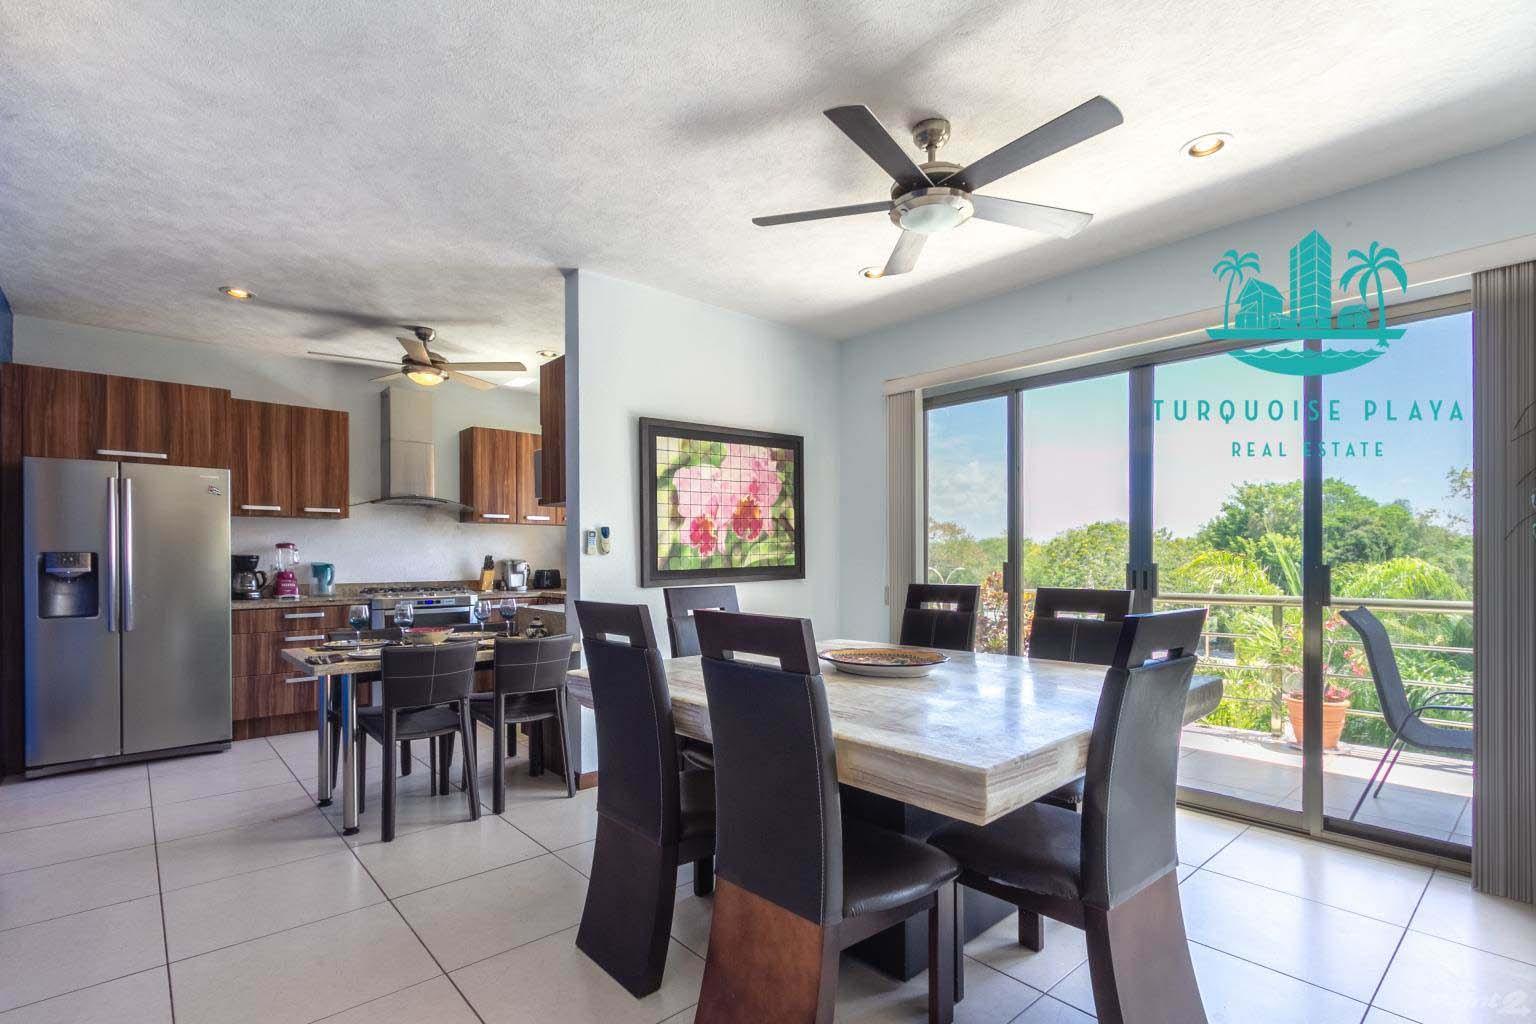 bb4168edbb57f3d496bf68c40bbea6af0d3fe4a0 - 4-Bedroom Penthouse only $289,000 USD